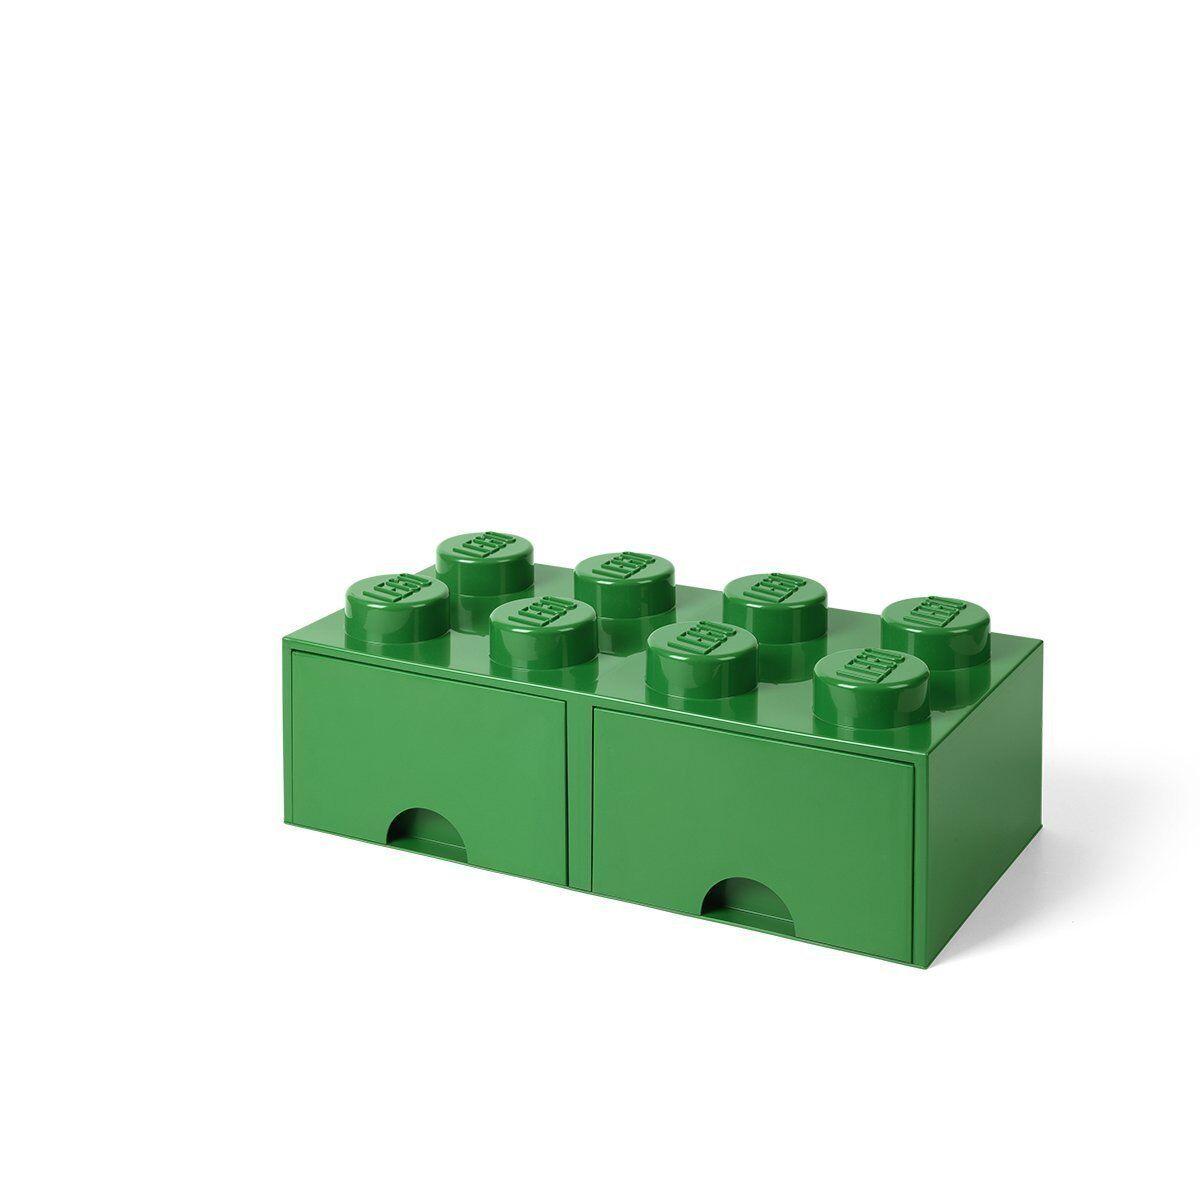 Lego 40061734. Ladrillo Lego Gigante Verde. Contenedor almacenaje con 2 cajones